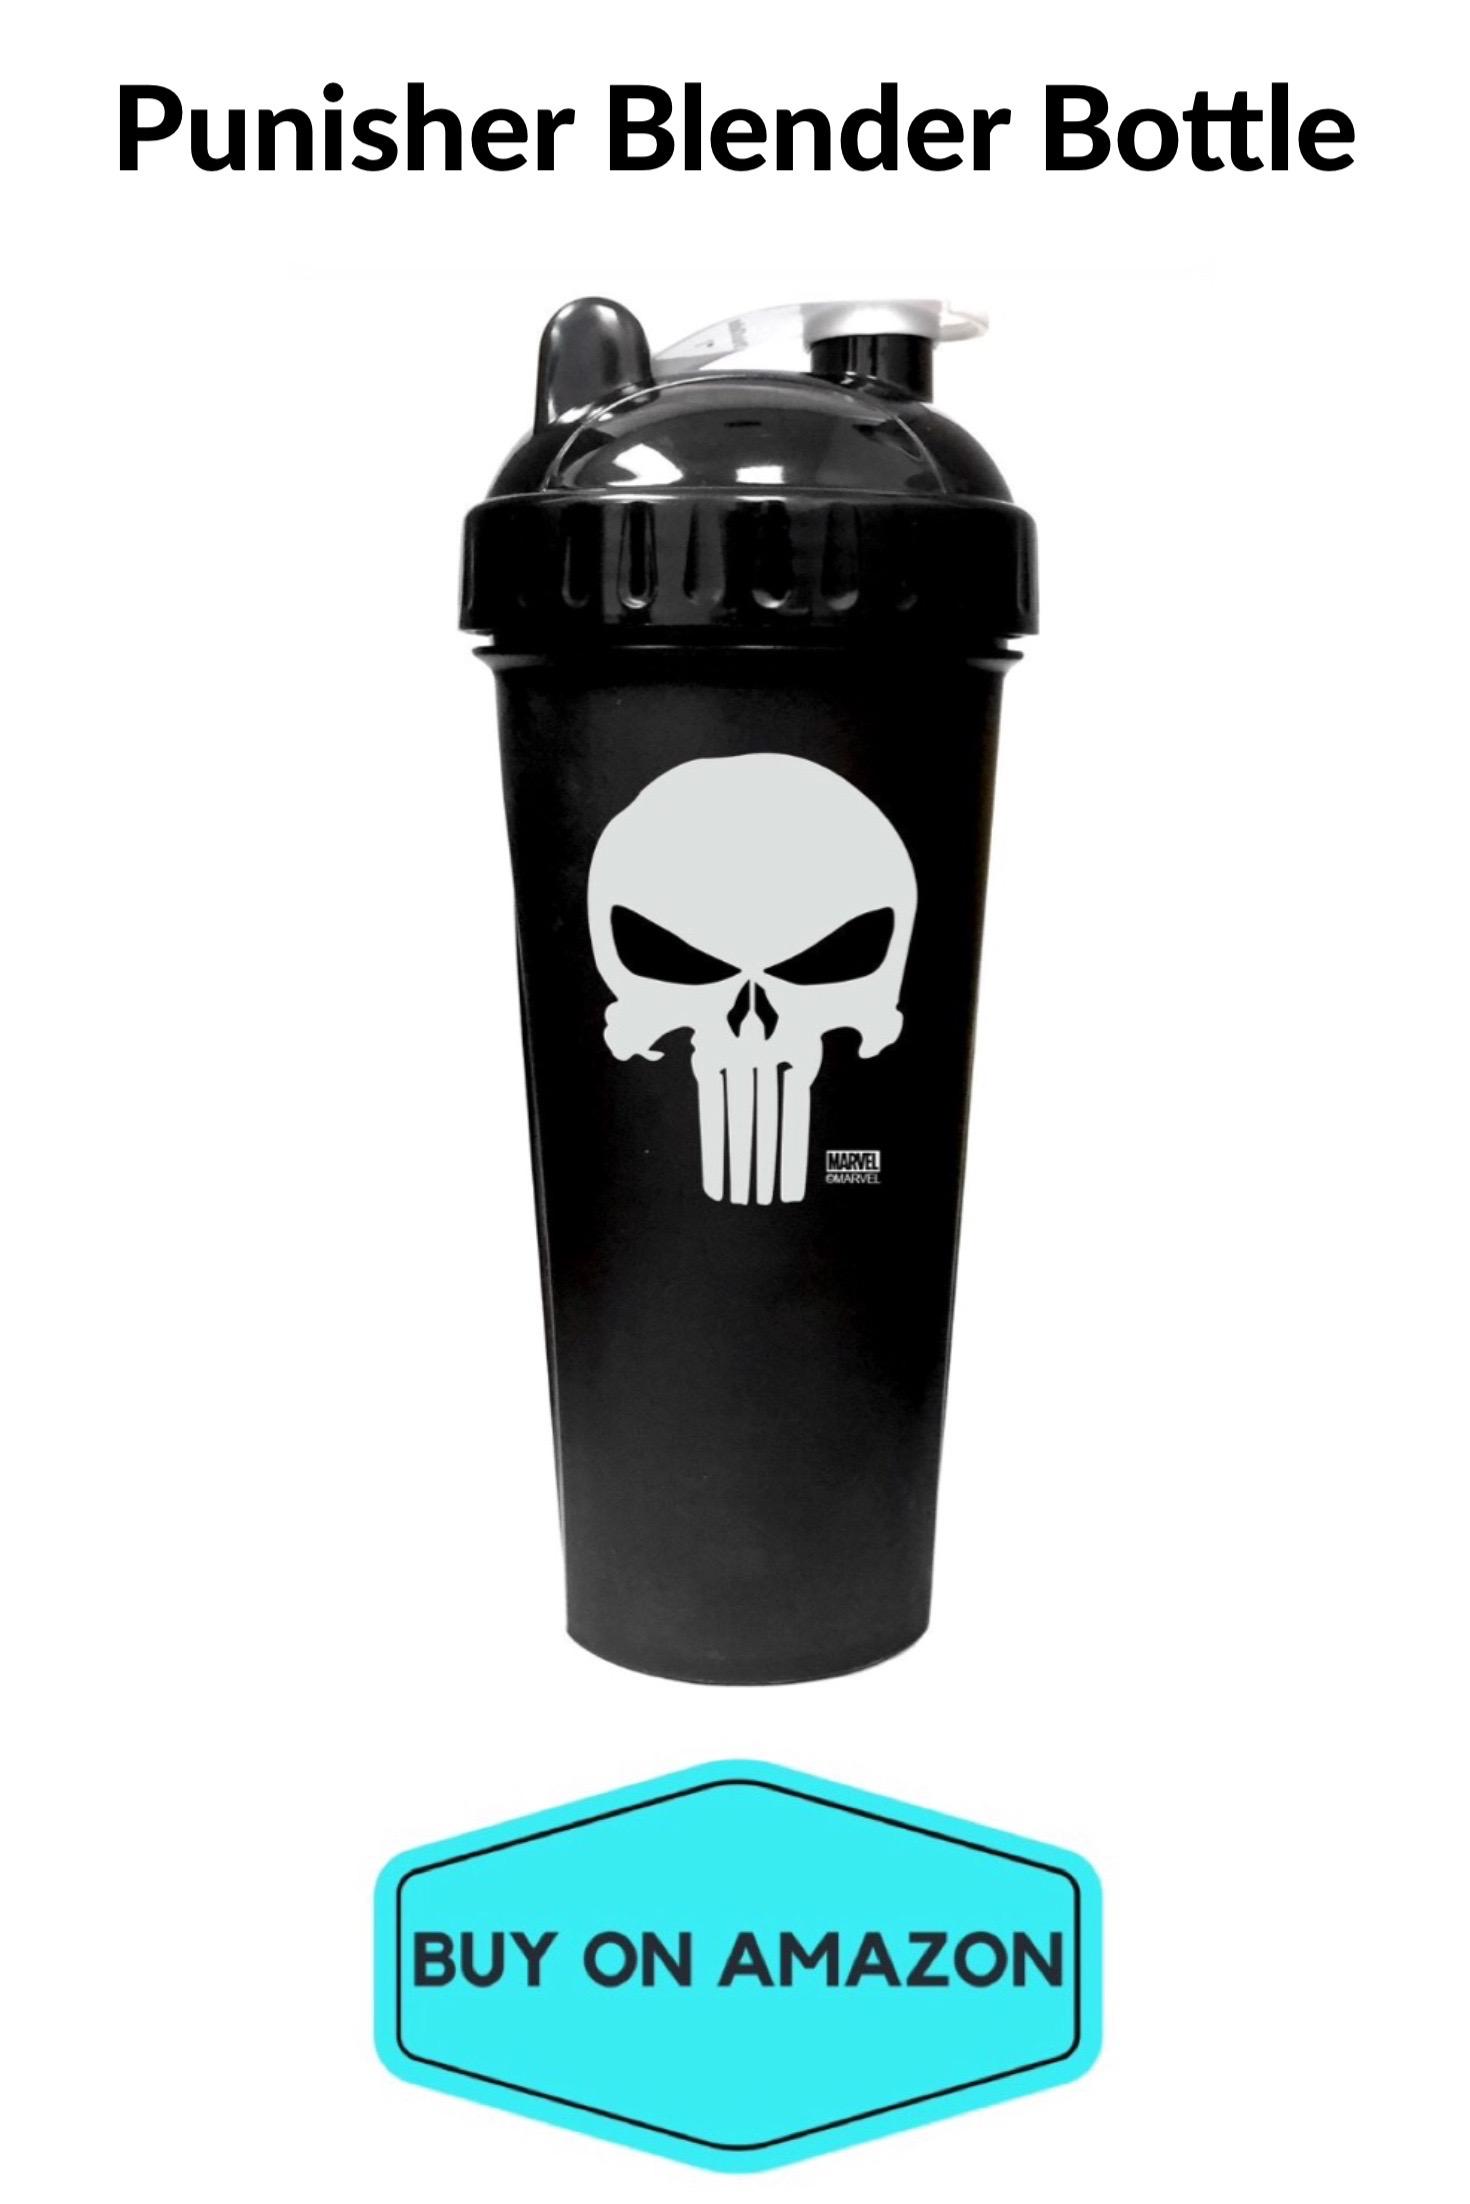 Punisher Blender Bottle